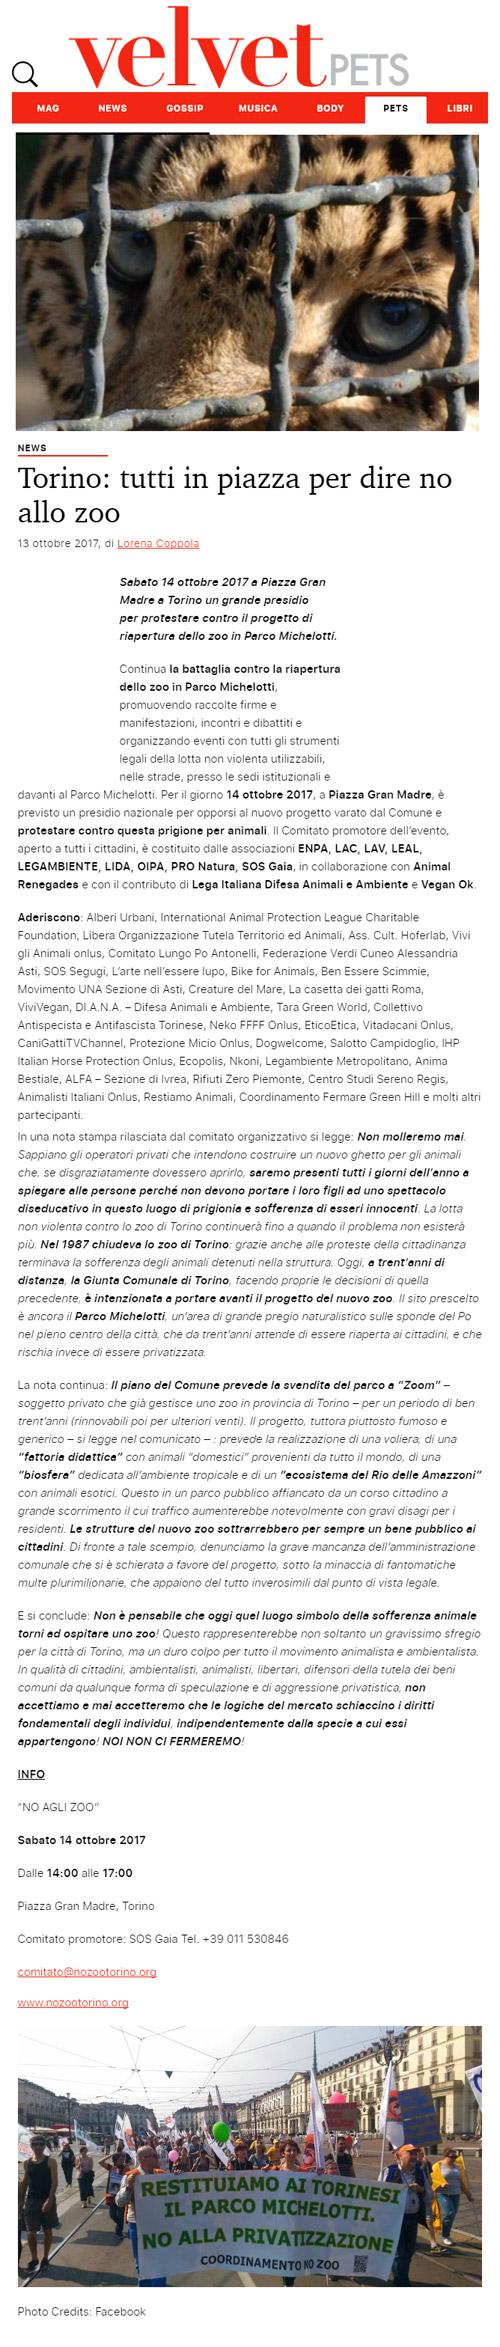 VelvetPets - 13 ottobre 2017 - Presidio NO AGLI ZOO, 14 ottobre 2017, Torino